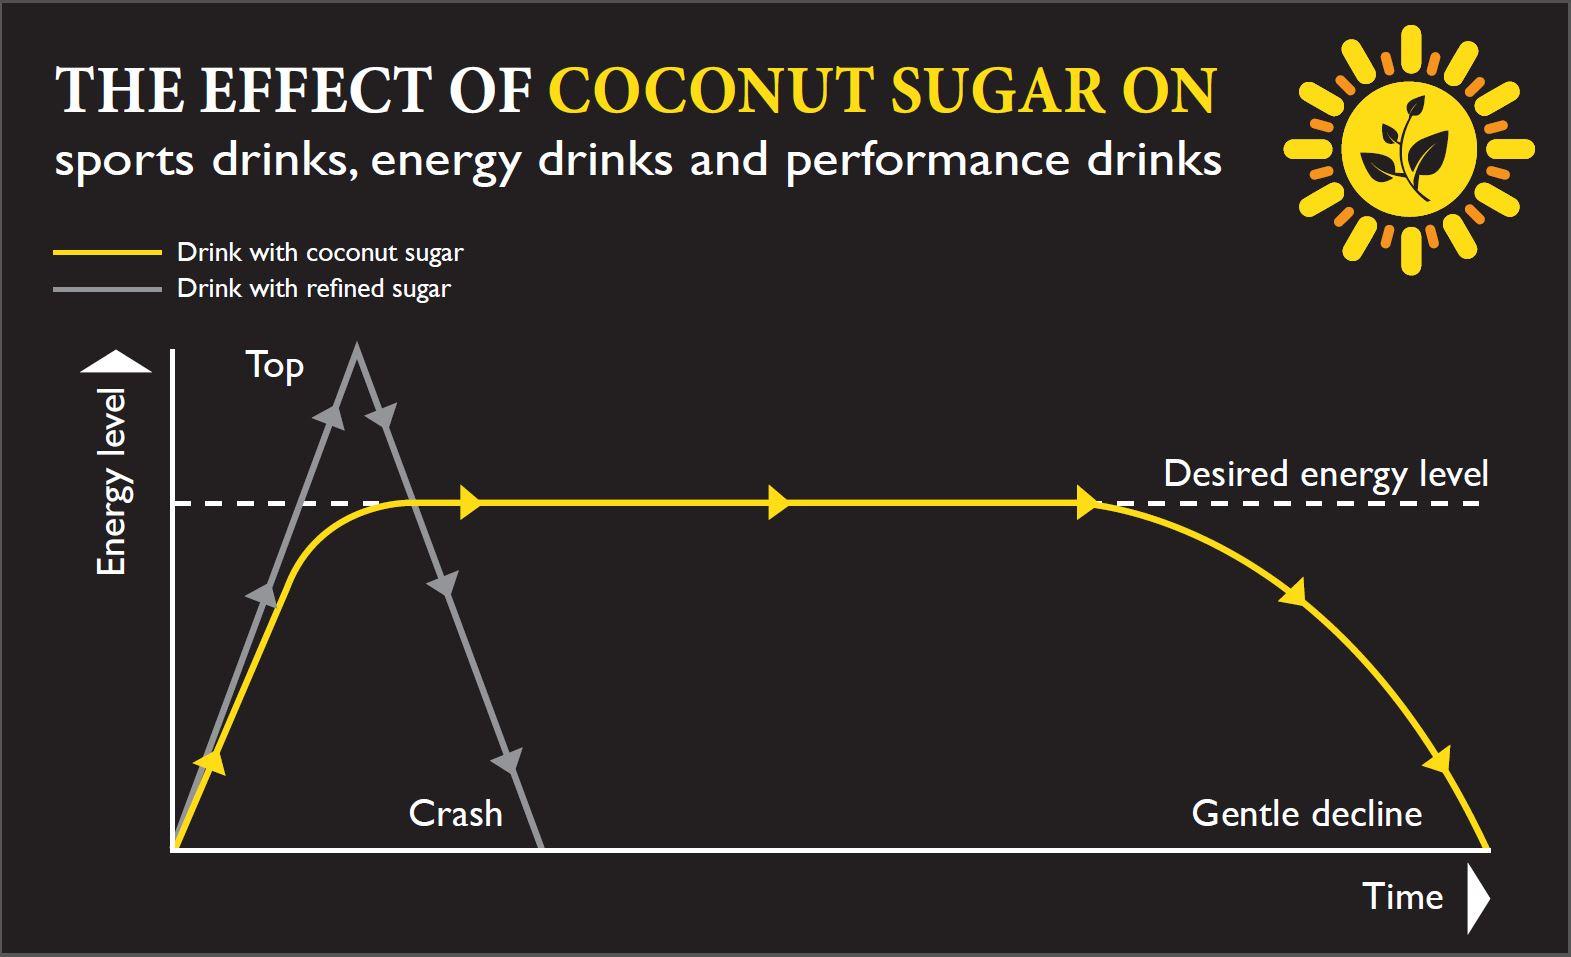 Grafiek met het effect van kokosbloesemsuiker in vergelijking met geraffineerde suiker